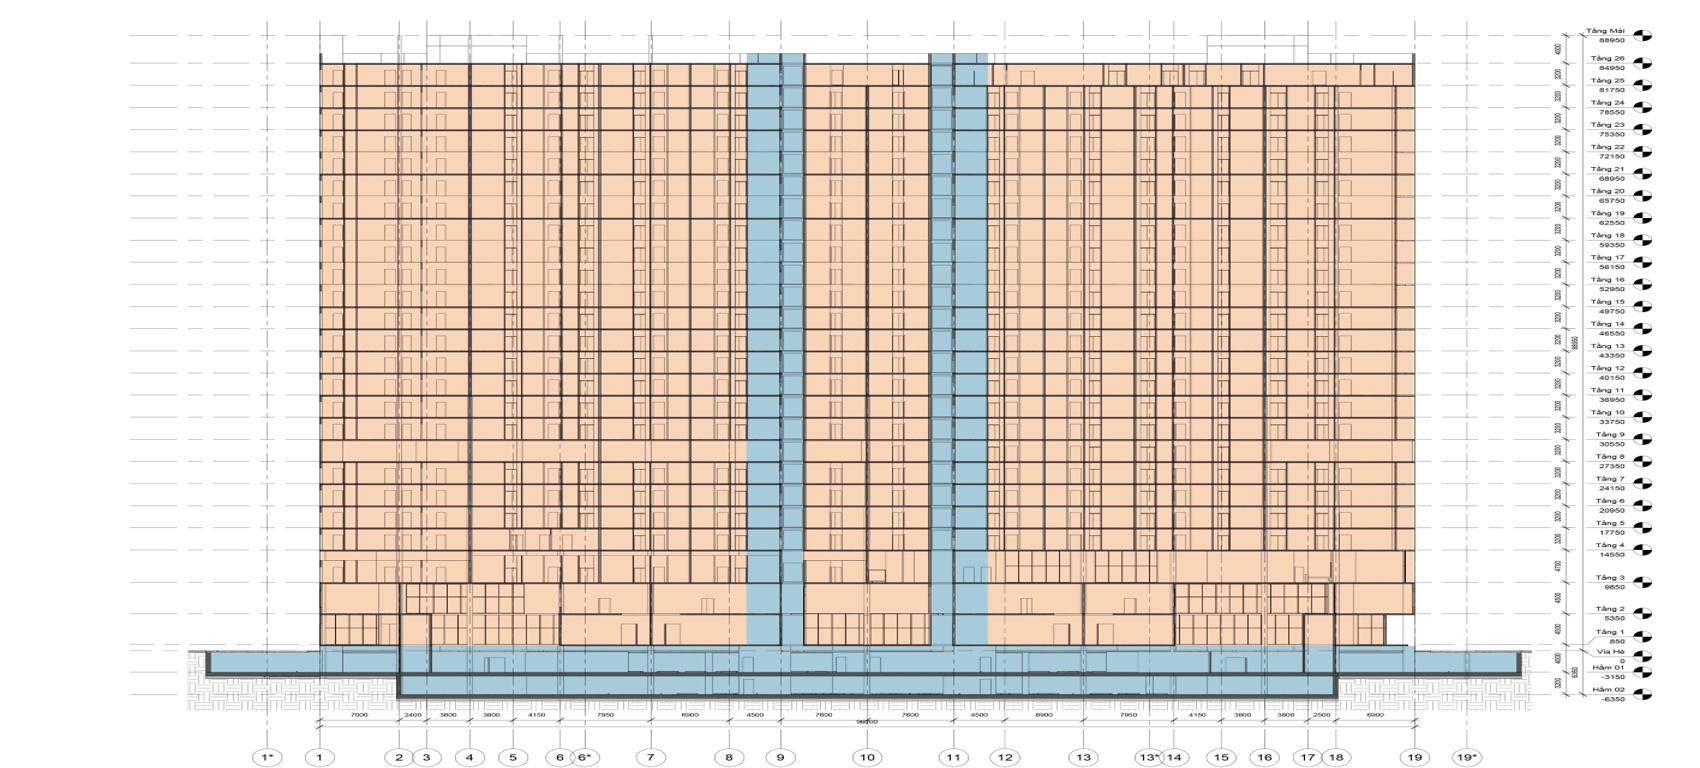 Mặt cắt trục tầng 1-19 Chung cư AnLand Complex Building Nam Cường Dương Nội